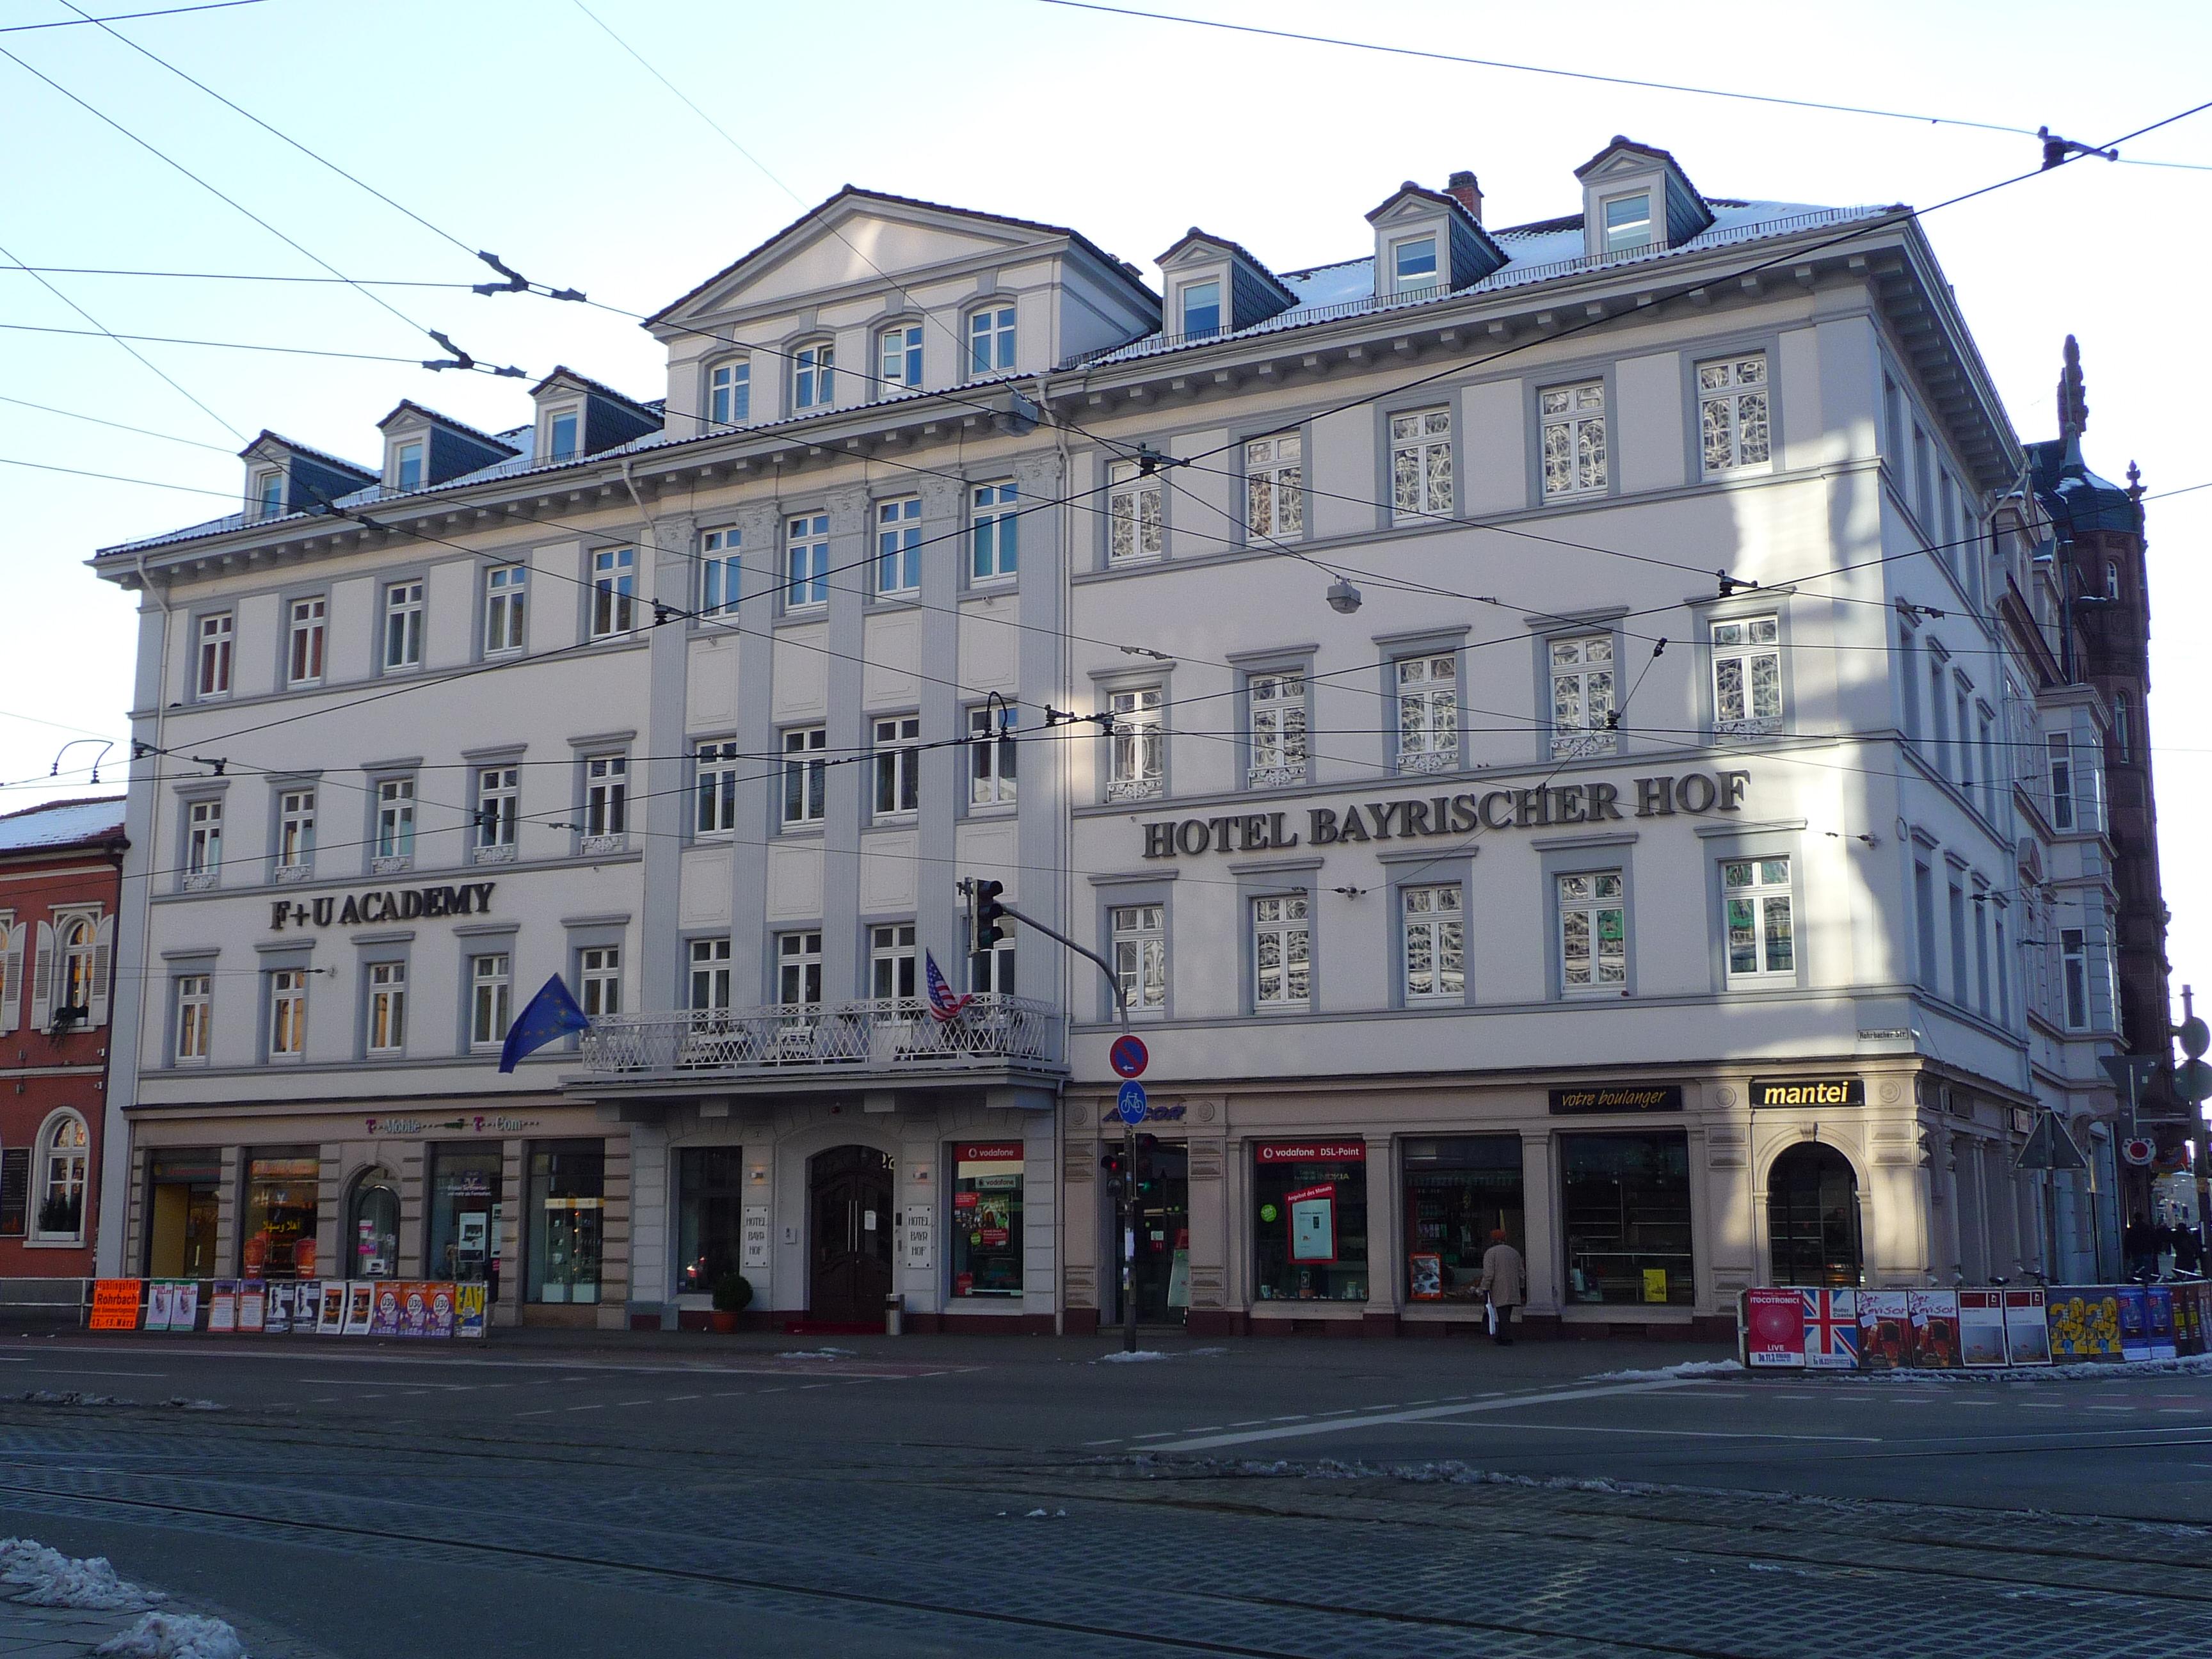 Hotel Bayerischer Hof Dresden Fr Ef Bf Bdhst Ef Bf Bdck